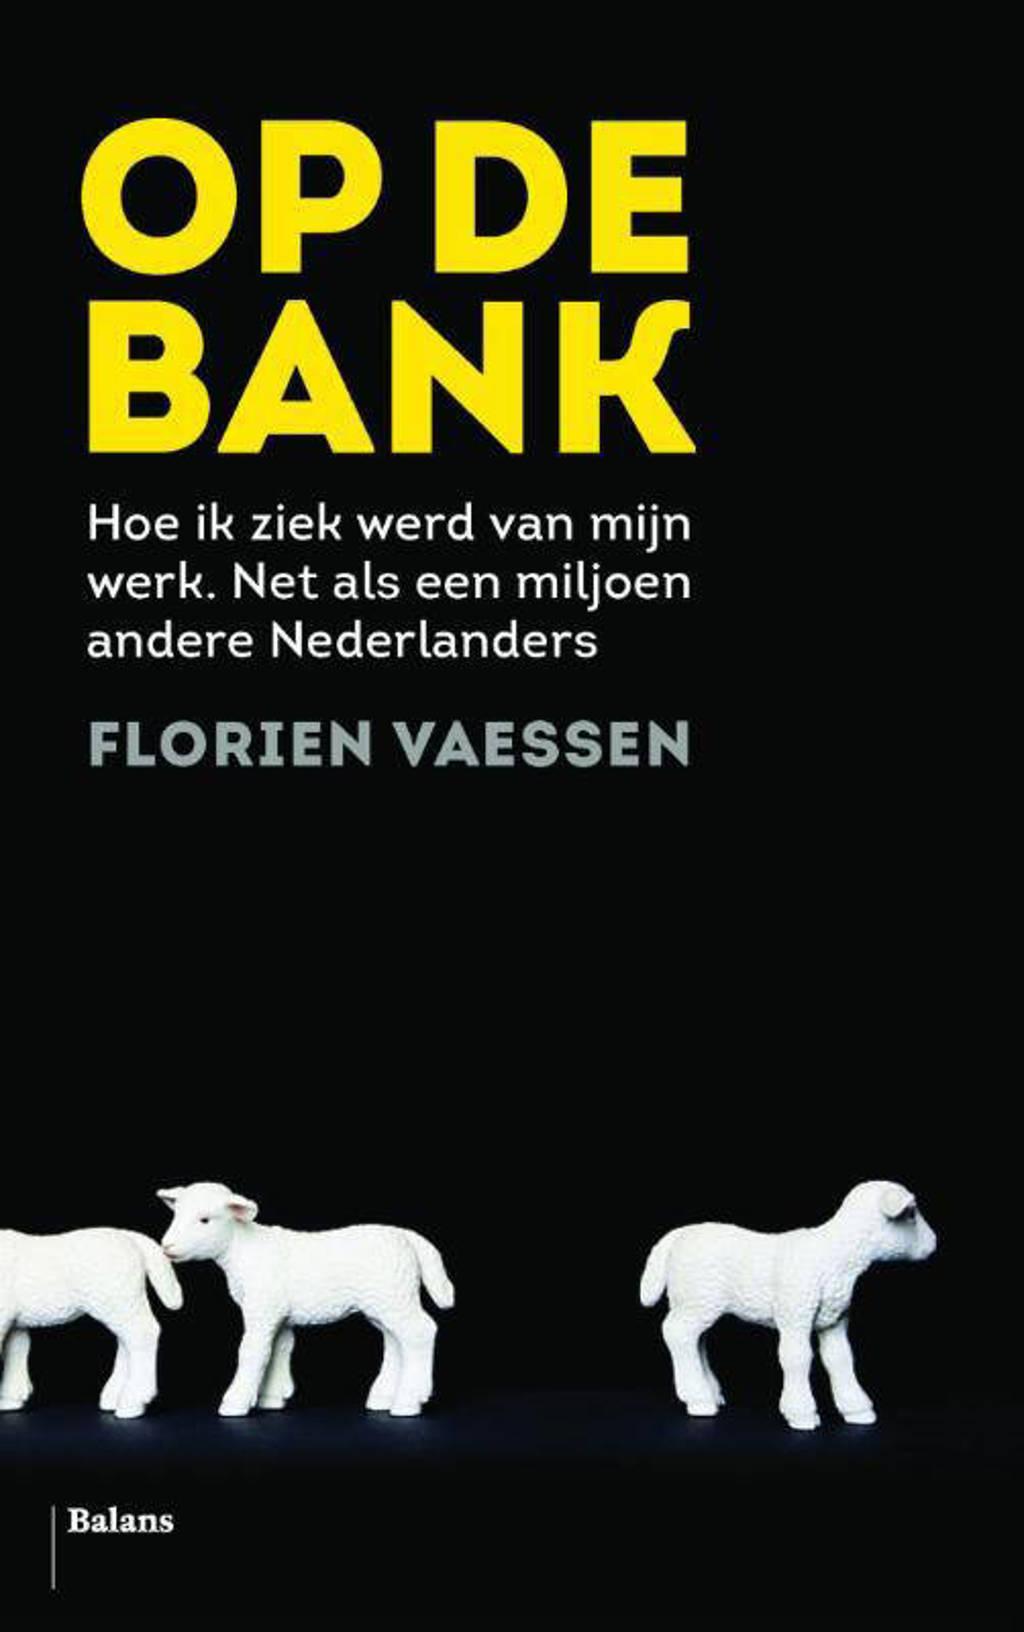 Op de bank - Florien Vaessen